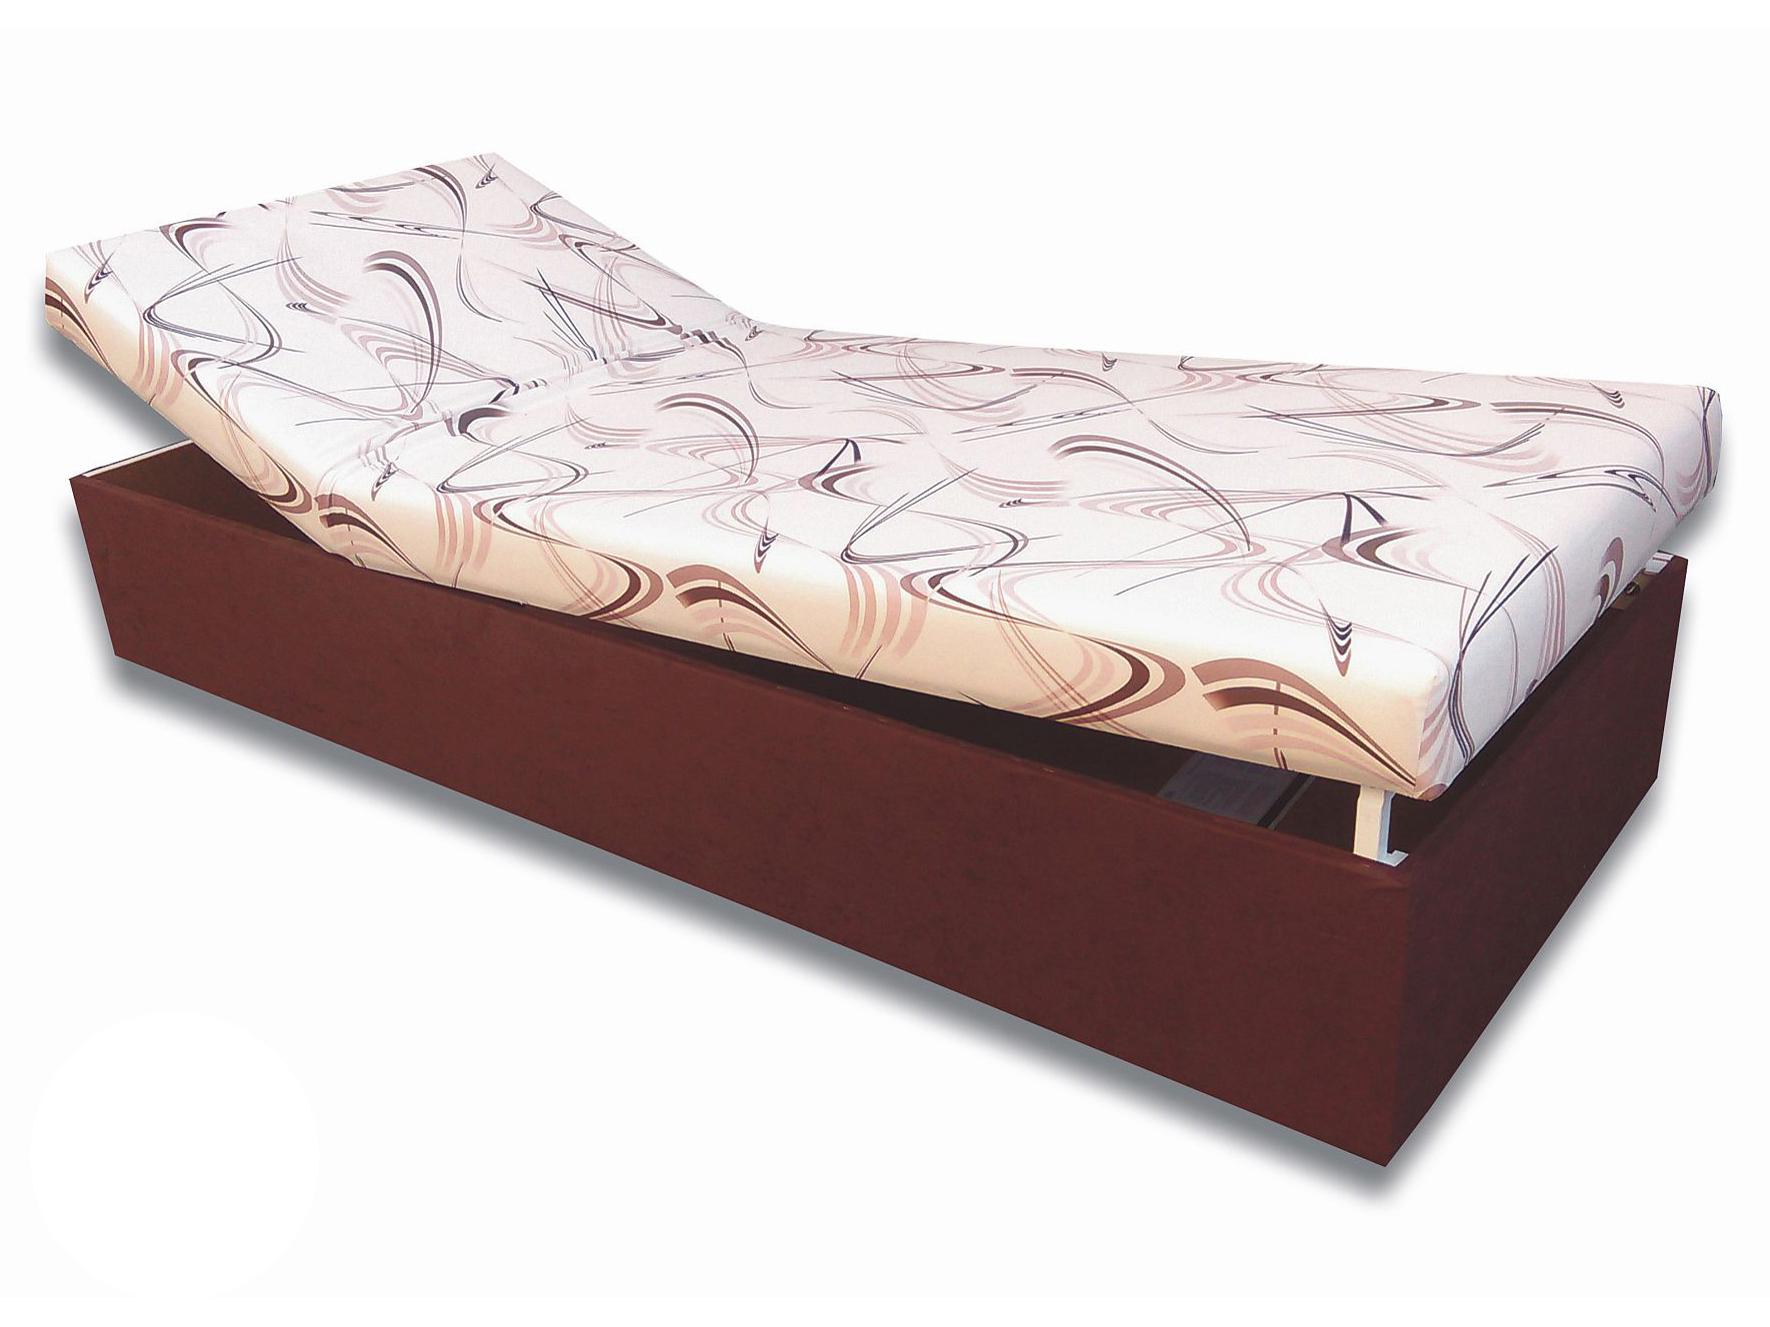 d886f5e28544f Jednolôžková posteľ (váľanda) 90 cm Darina (Tmavohnedá 40 + Sand 10 ...